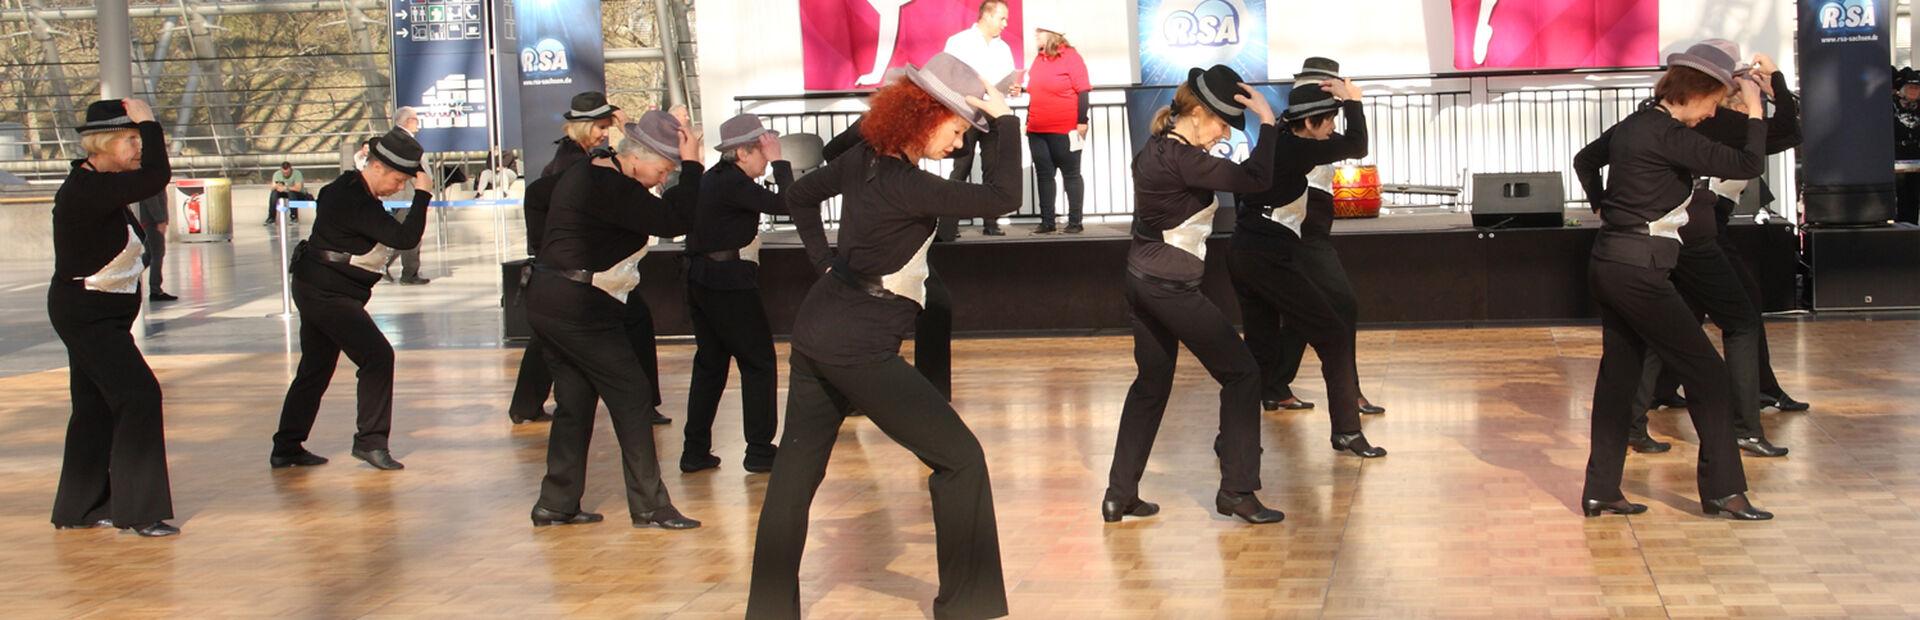 Aktive Senioren Leipzig Auftritt Kreativer Tanz Messe HGF